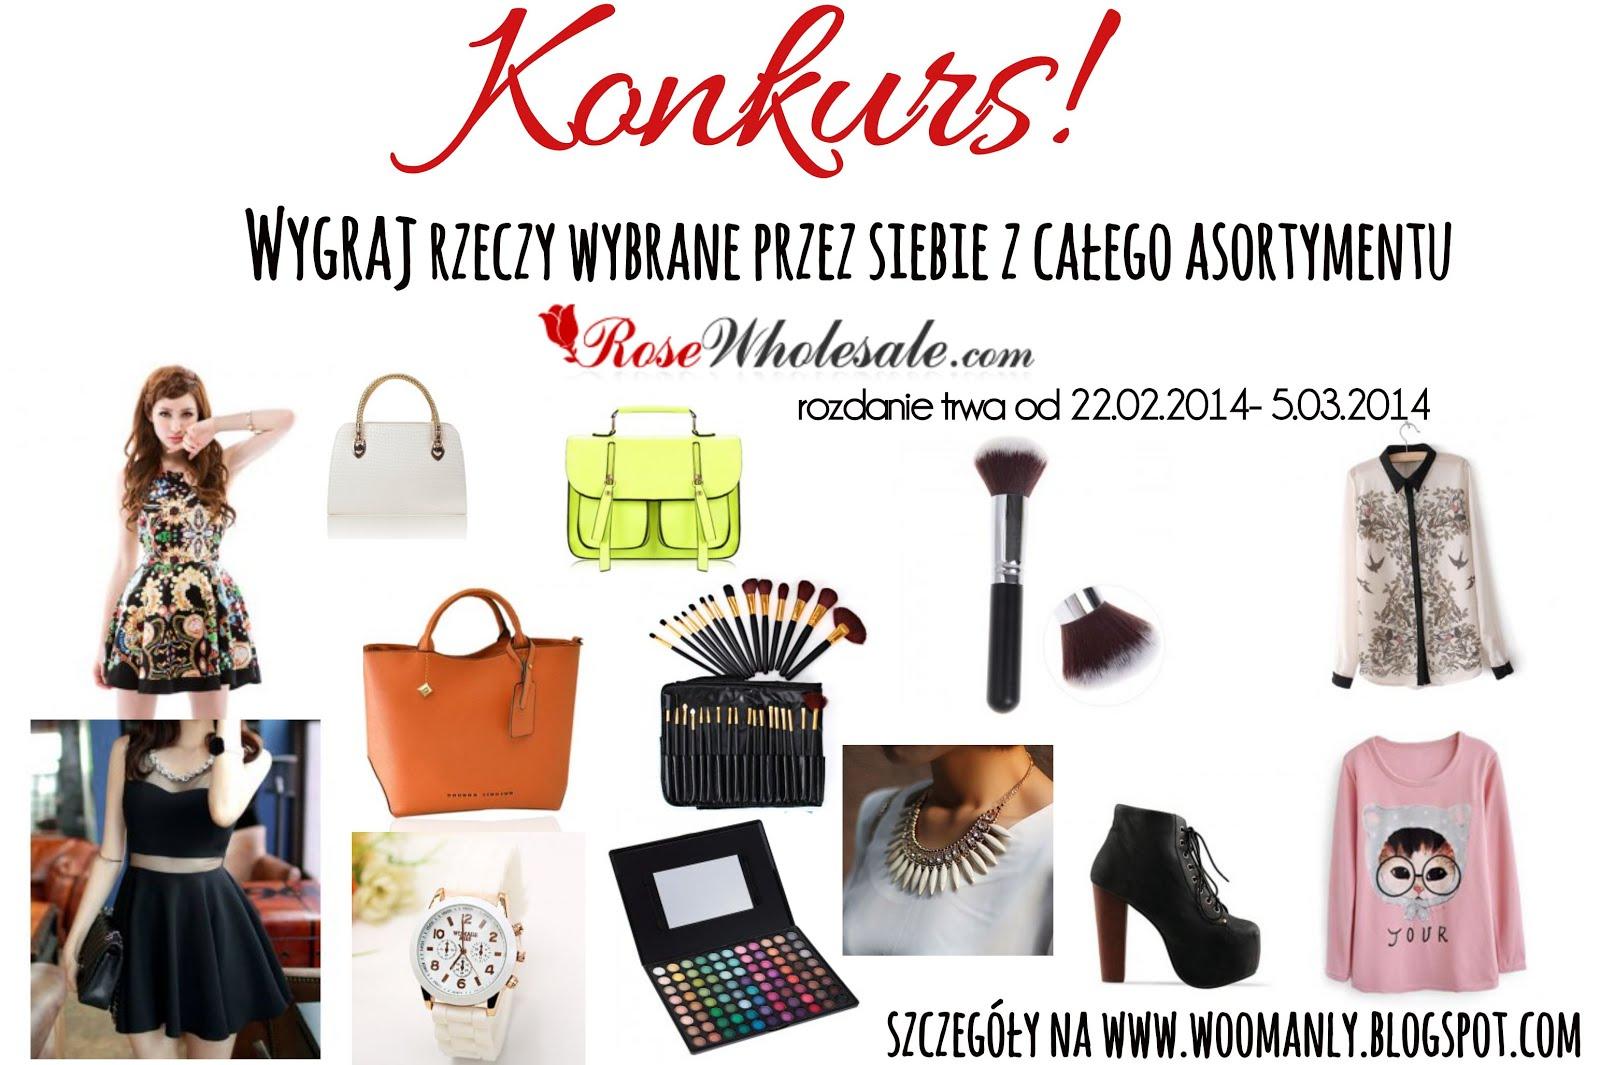 http://woomanly.blogspot.com/2014/02/rozdanie-z-rosewhosalecom-wygraj.html